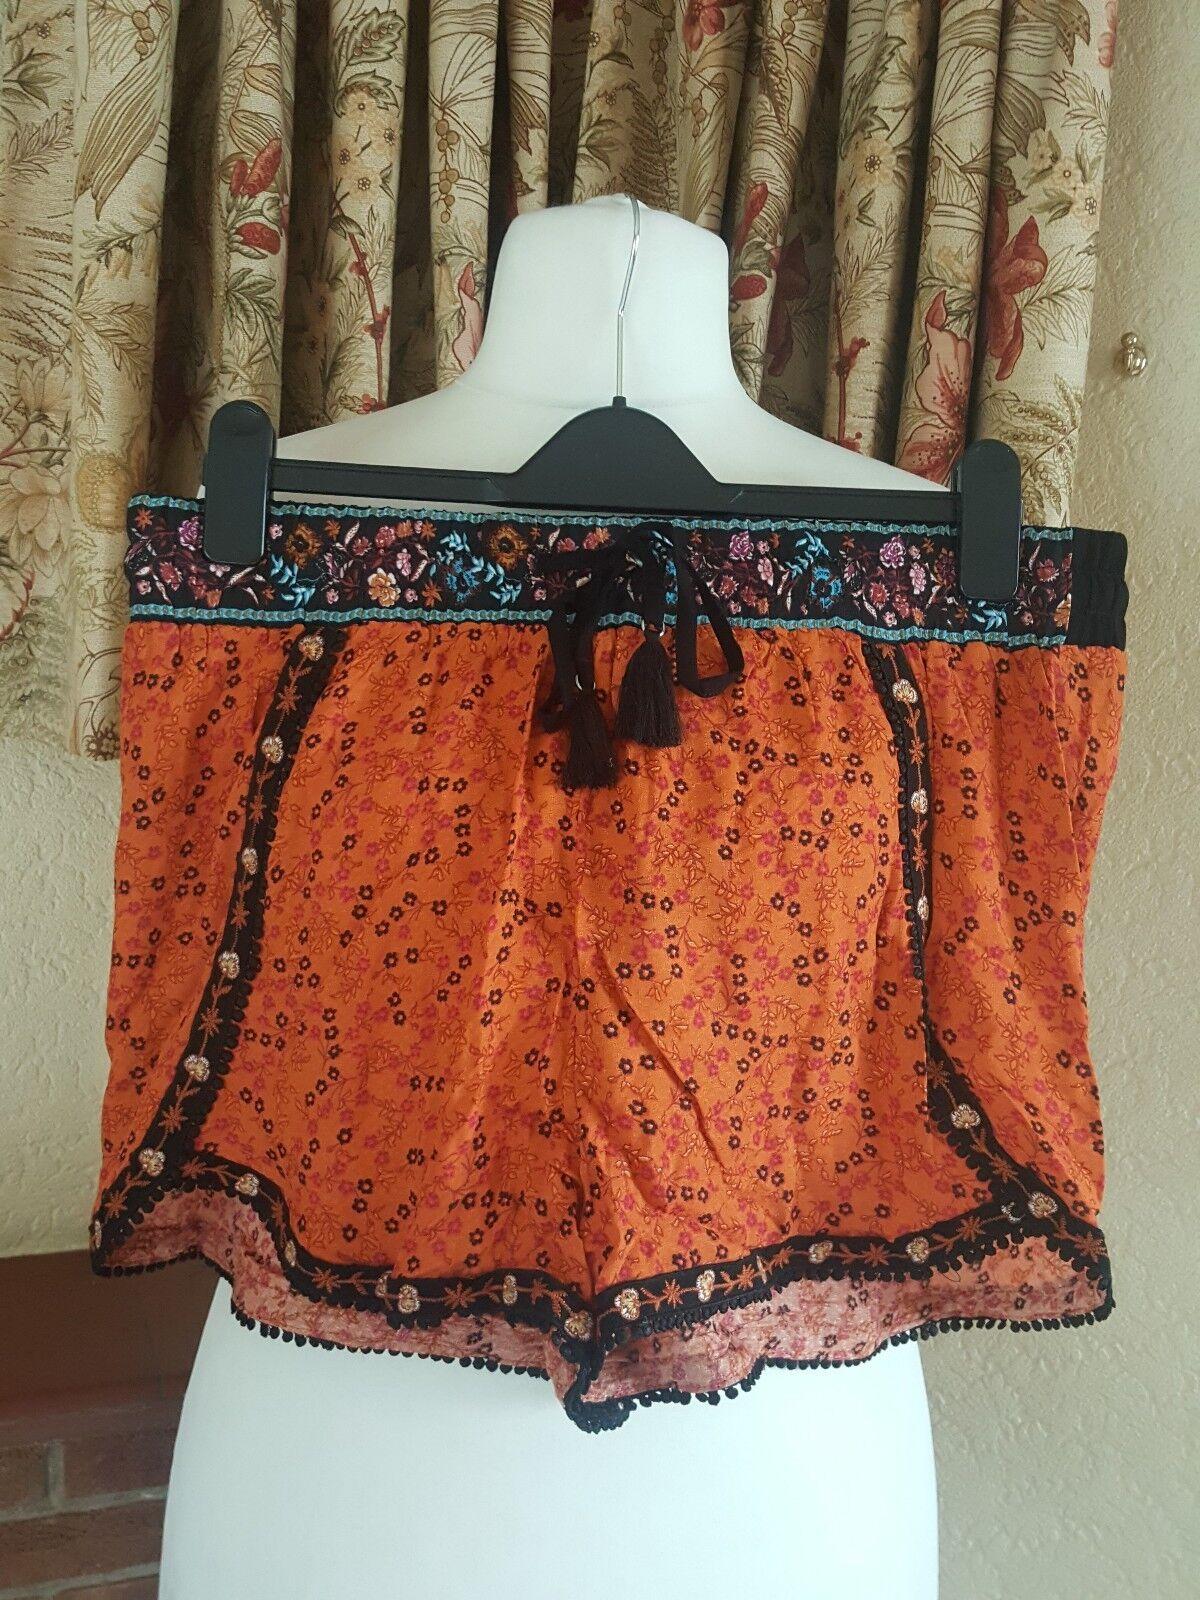 Señoras Pantalones cortos de óxido óxido óxido Ditsy bordado Runner-nueva Imagen Talla 16-vacaciones de verano eb4812